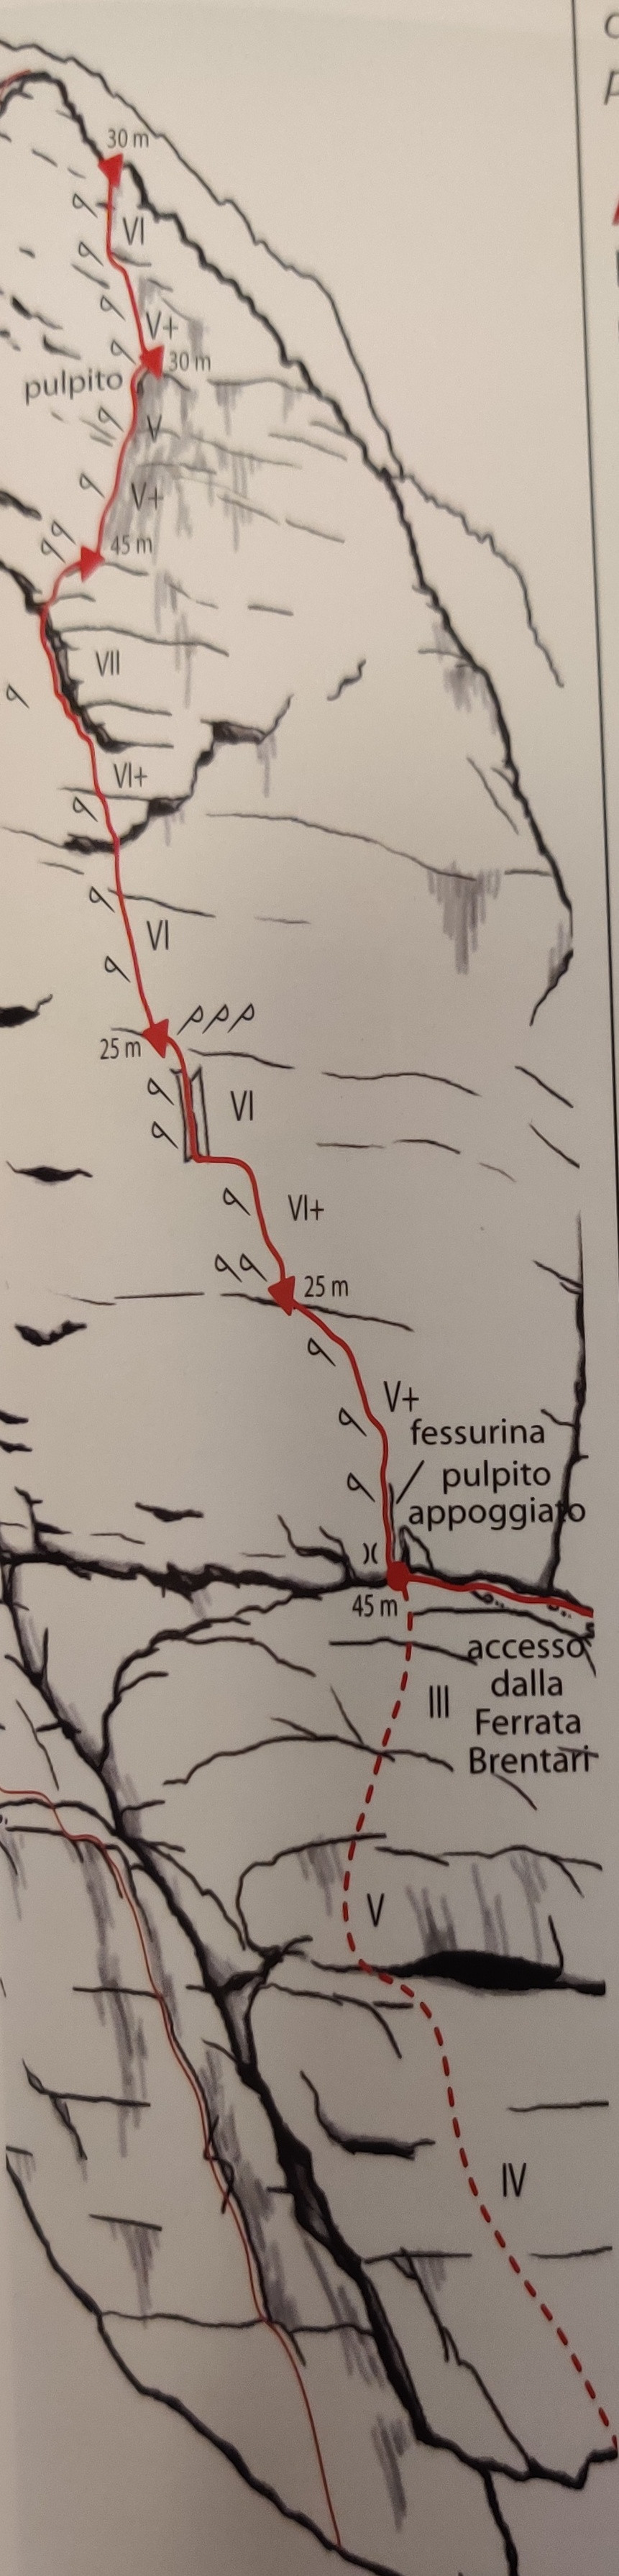 Topo Specchio Magico Angolo delle Streghe Brenta Alpinklettern